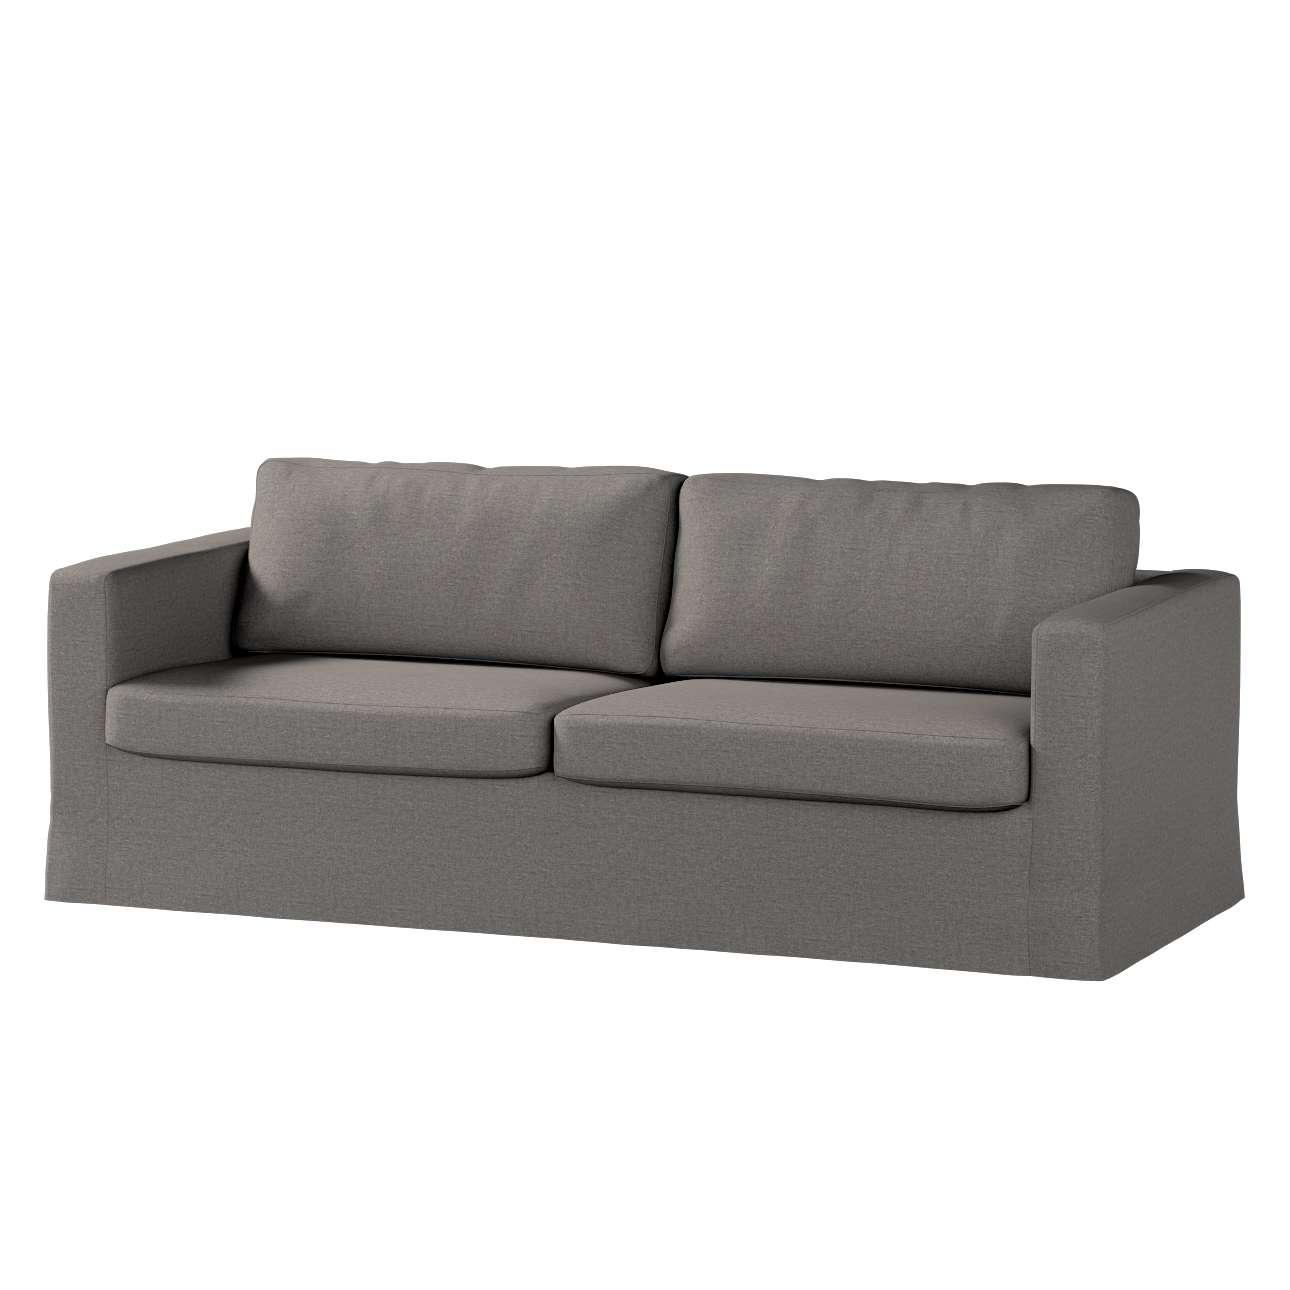 Pokrowiec na sofę Karlstad 3-osobową nierozkładaną, długi Sofa Karlstad 3-osobowa w kolekcji Edinburgh, tkanina: 115-77